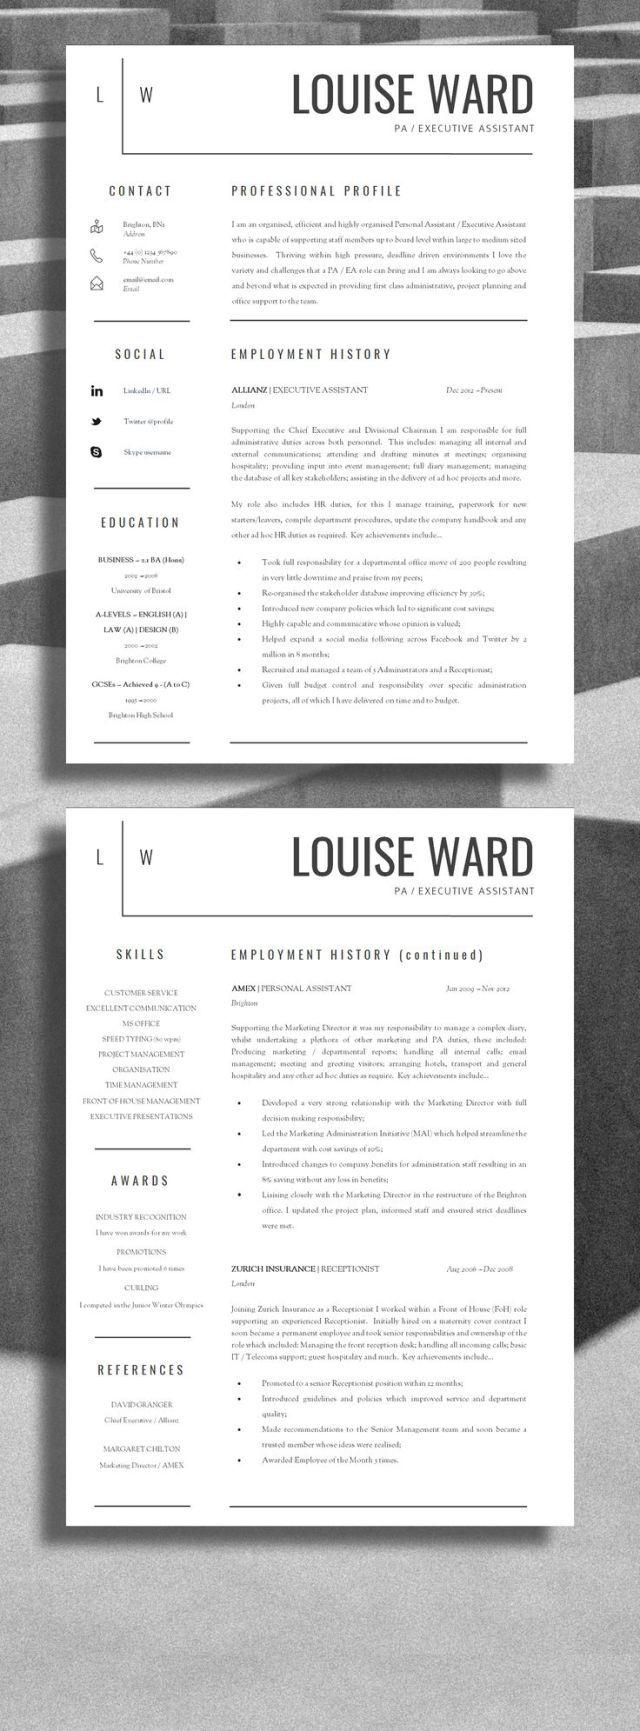 Resume Professional Resume Design Professional Cv Design Be Professional And Get Mo Resume Design Professional Cv Design Professional Resume Design